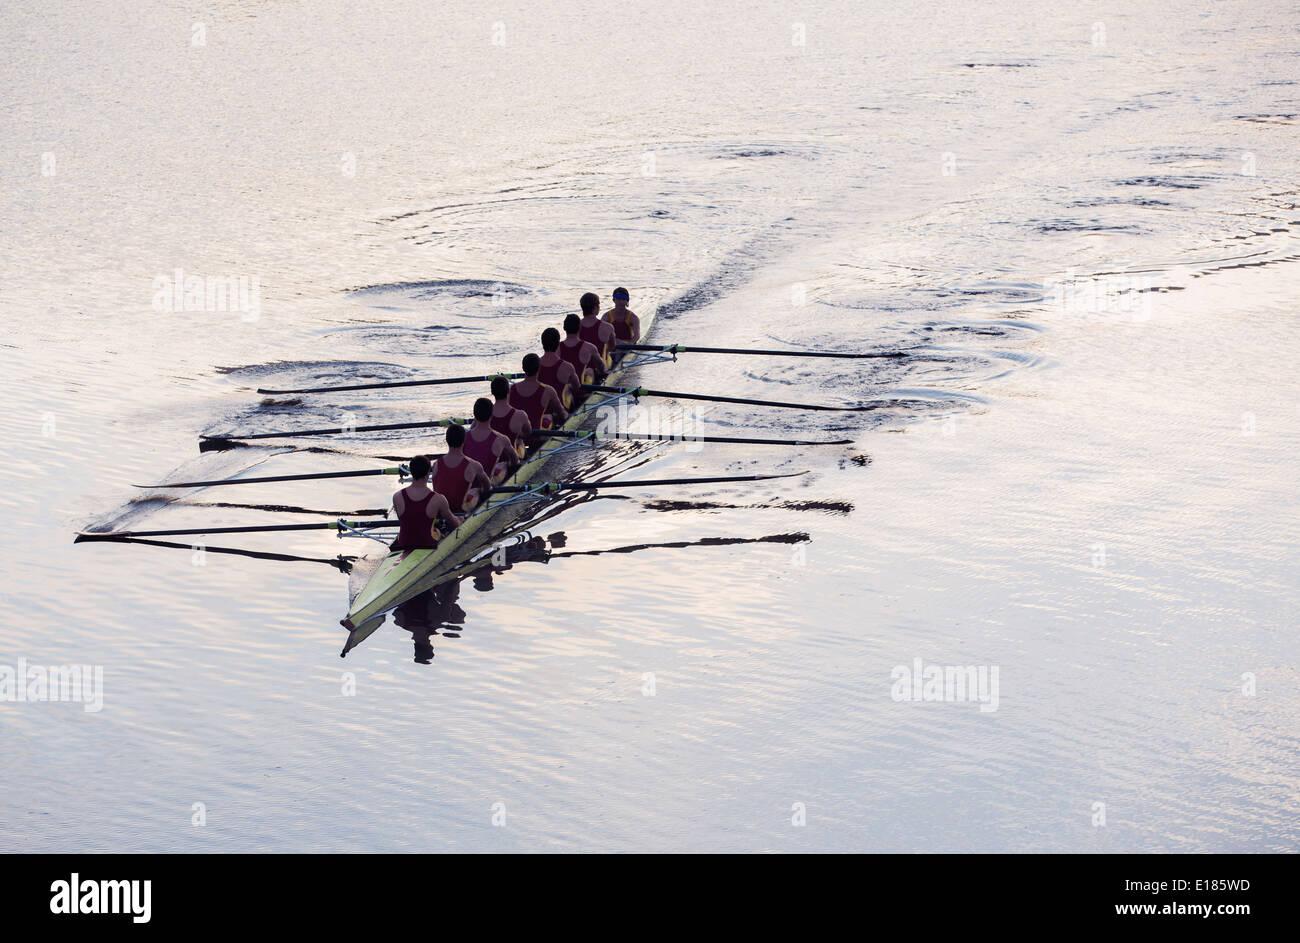 Il team di canottaggio scull canottaggio sul lago Immagini Stock